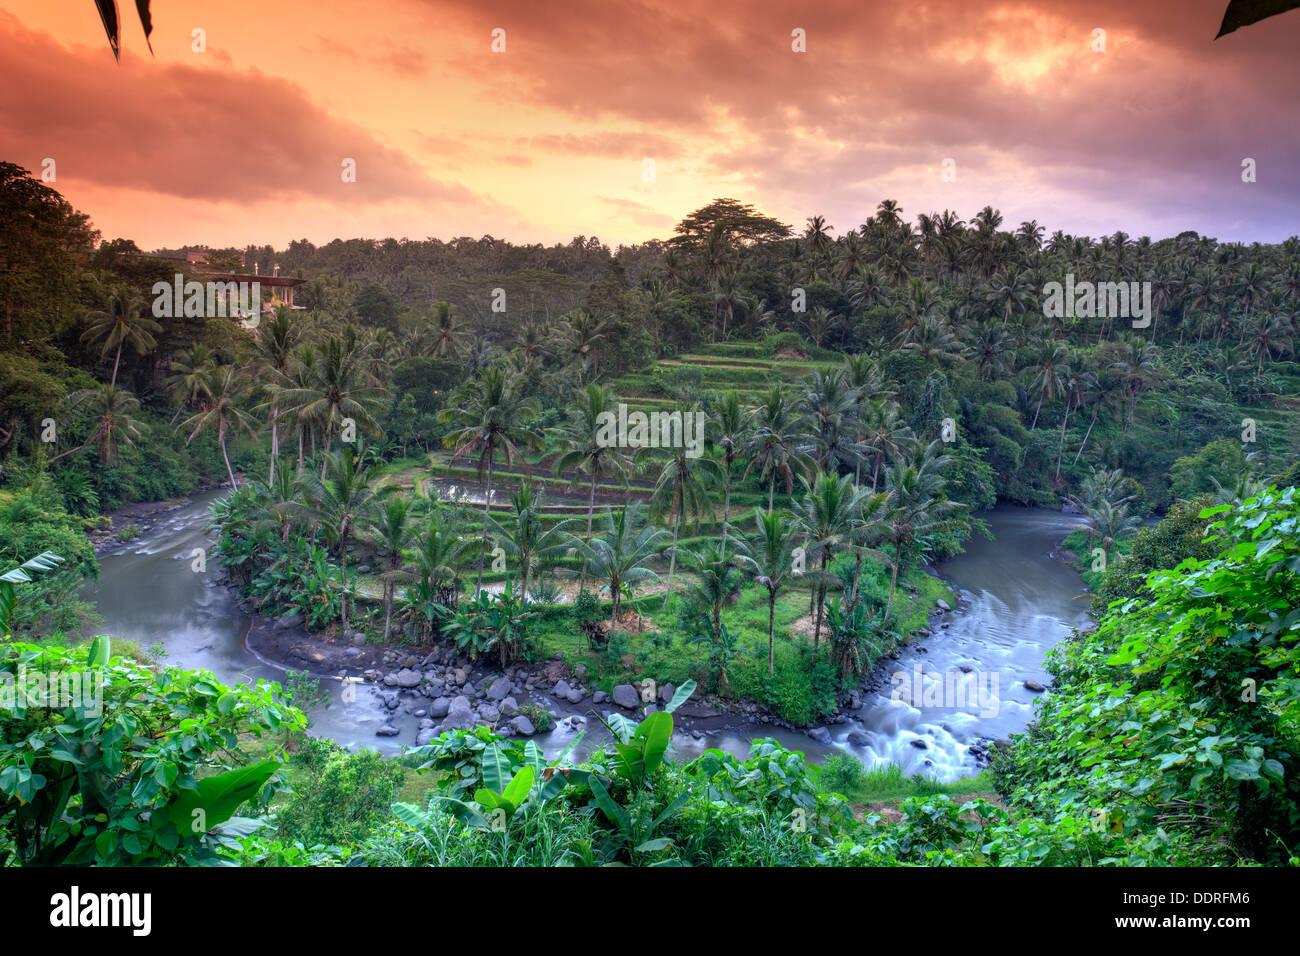 Indonesia, Bali, Ubud, Sayan y Valle del Río Ayung Imagen De Stock